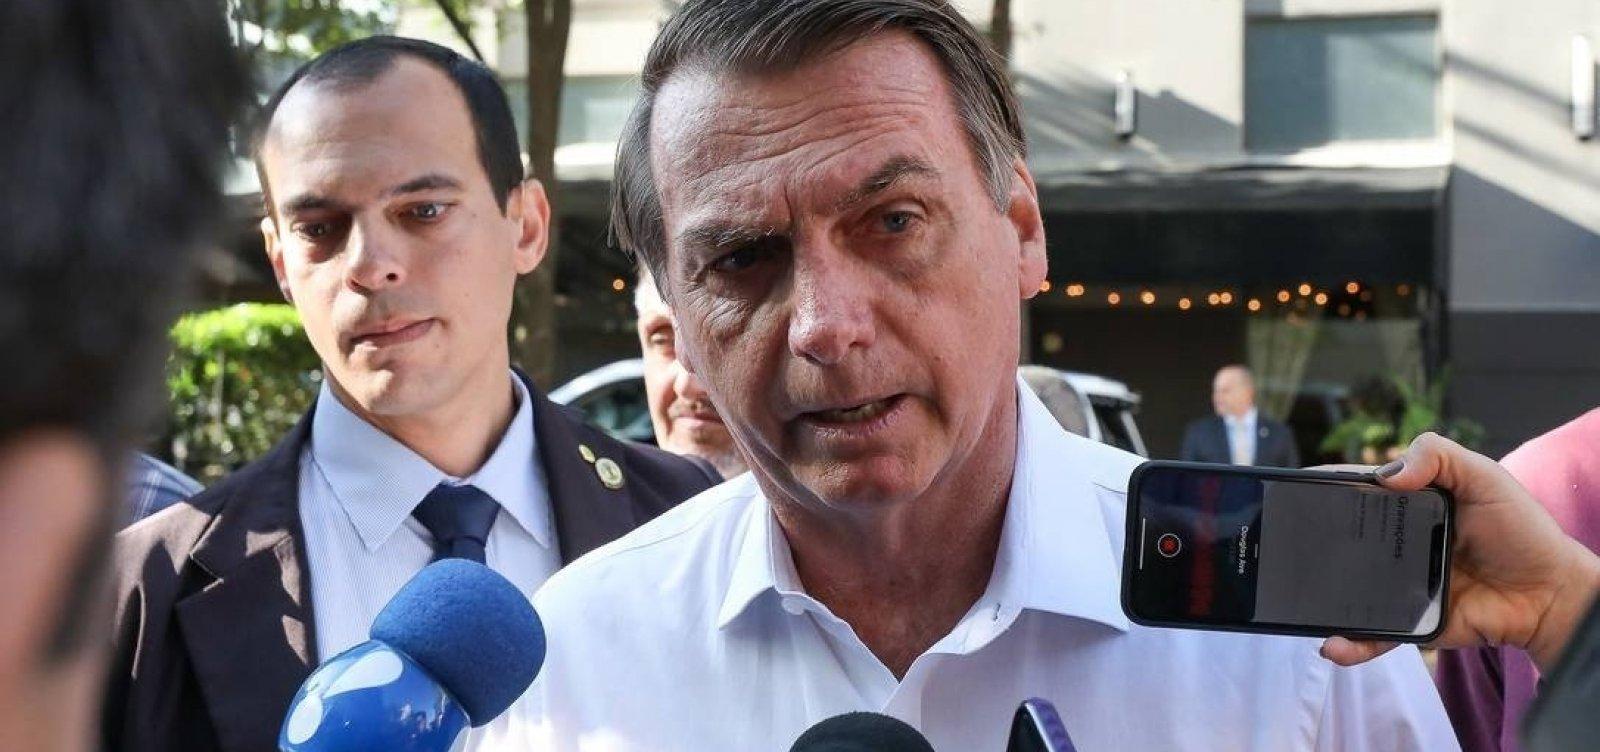 [Bolsonaro ataca mídia e diz que jornalista deveria 'entrar de novo numa faculdade que preste']